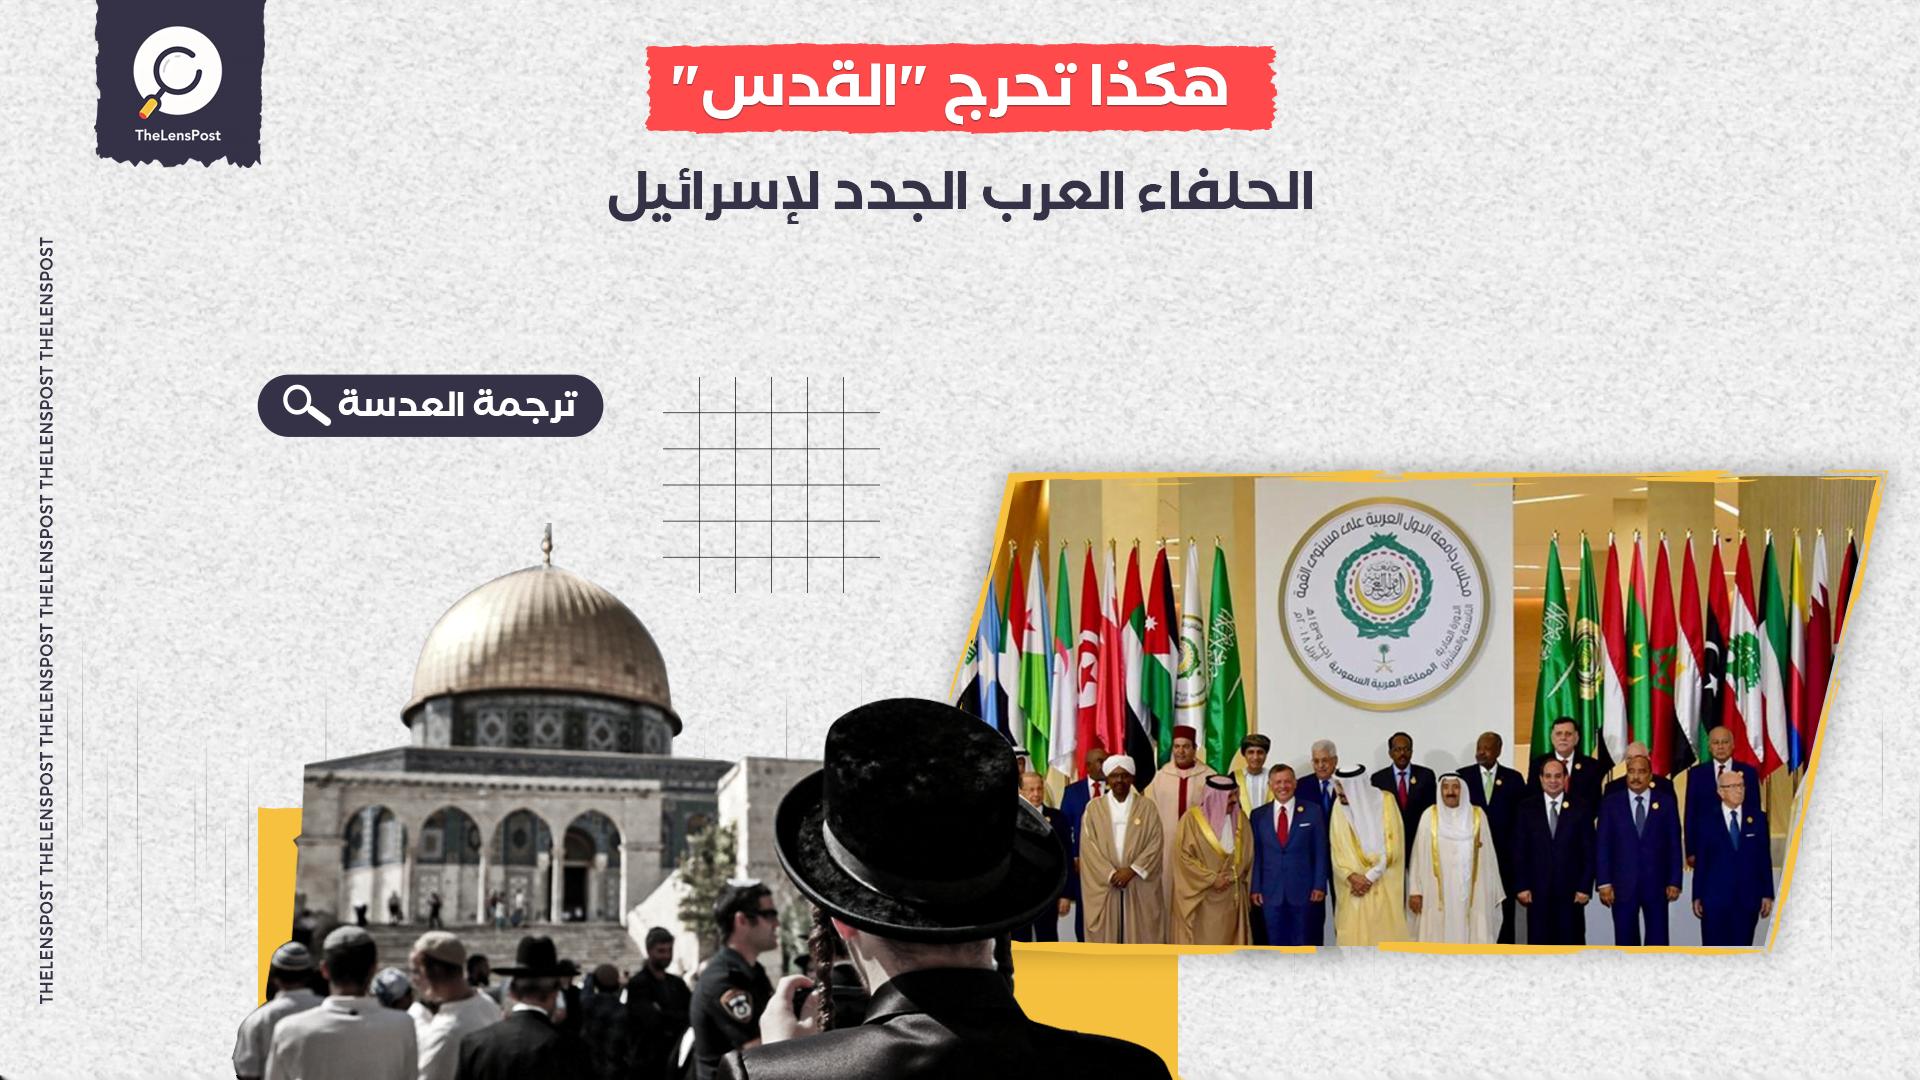 """لا كروا: هكذا تحرج """"القدس"""" الحلفاء العرب الجدد لإسرائيل"""